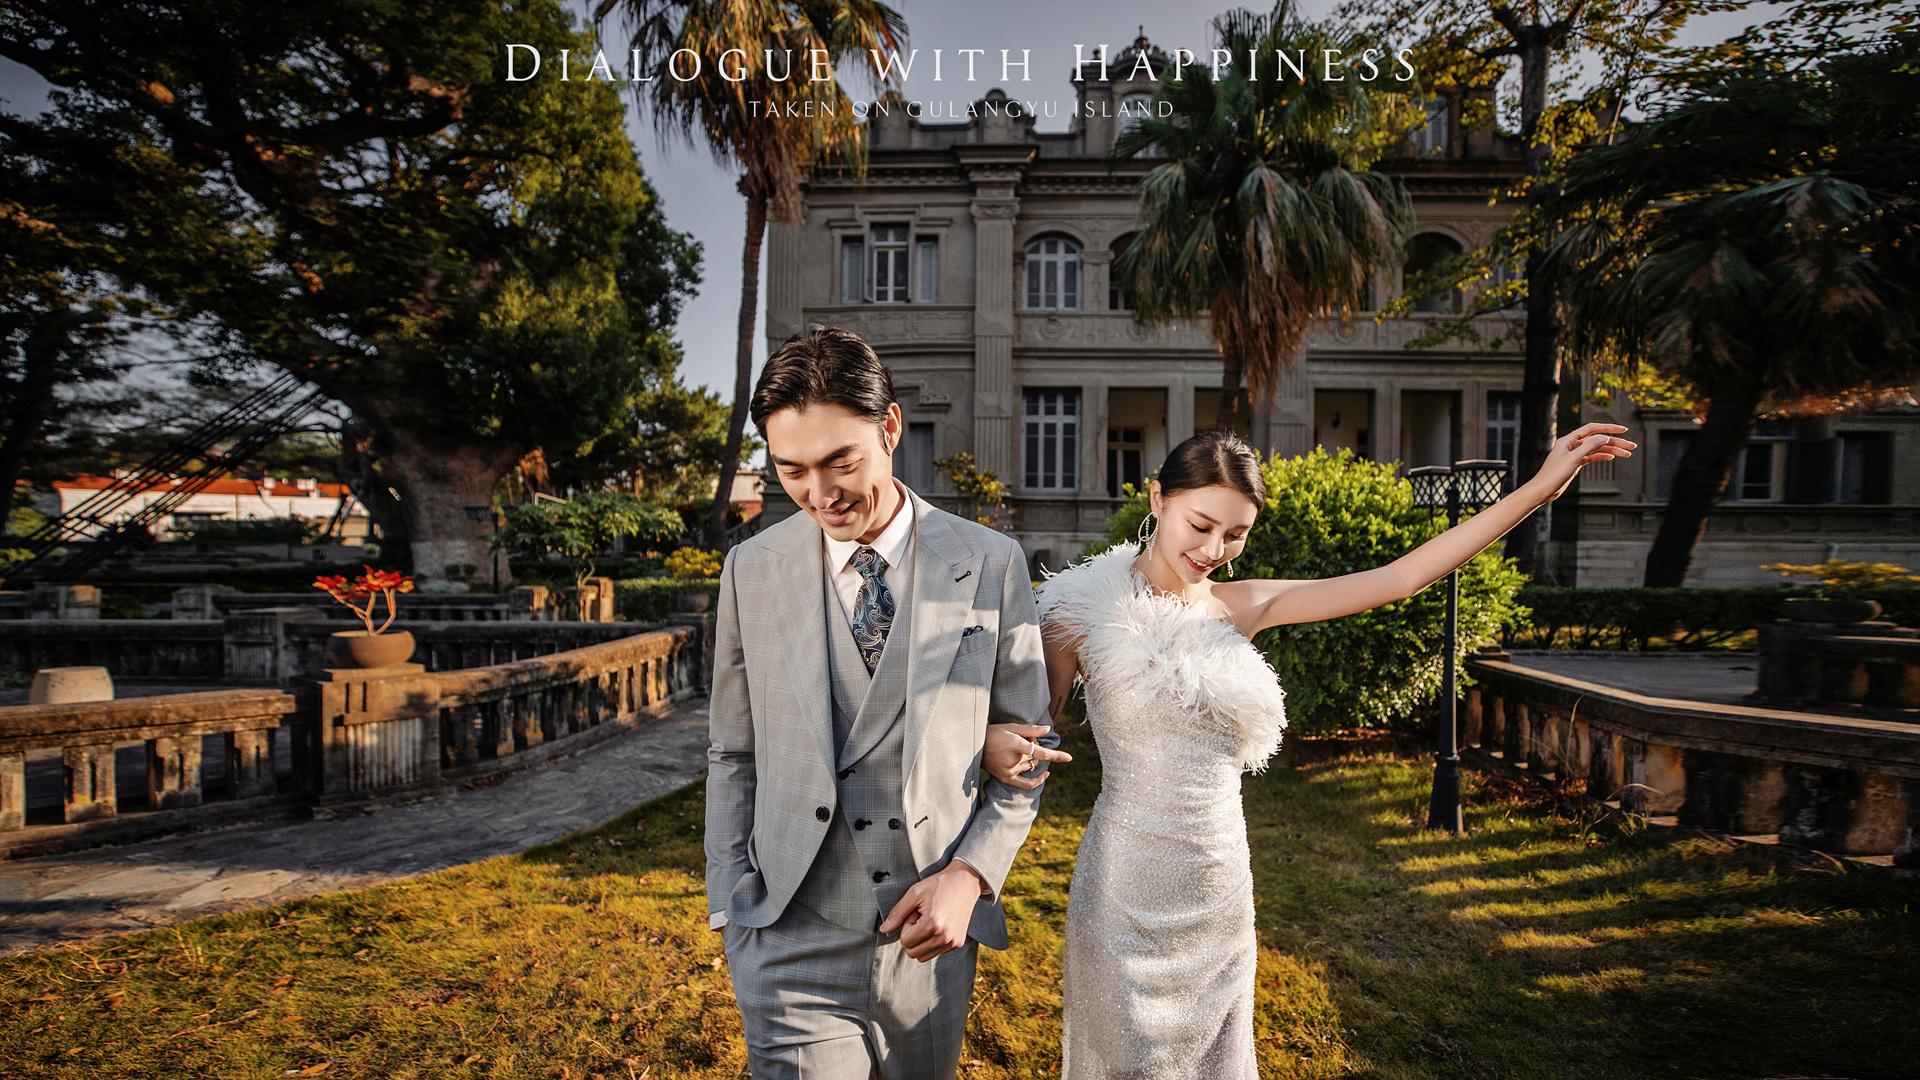 在厦门中山路街拍婚纱照怎么样?拍婚纱照多久可以拿到